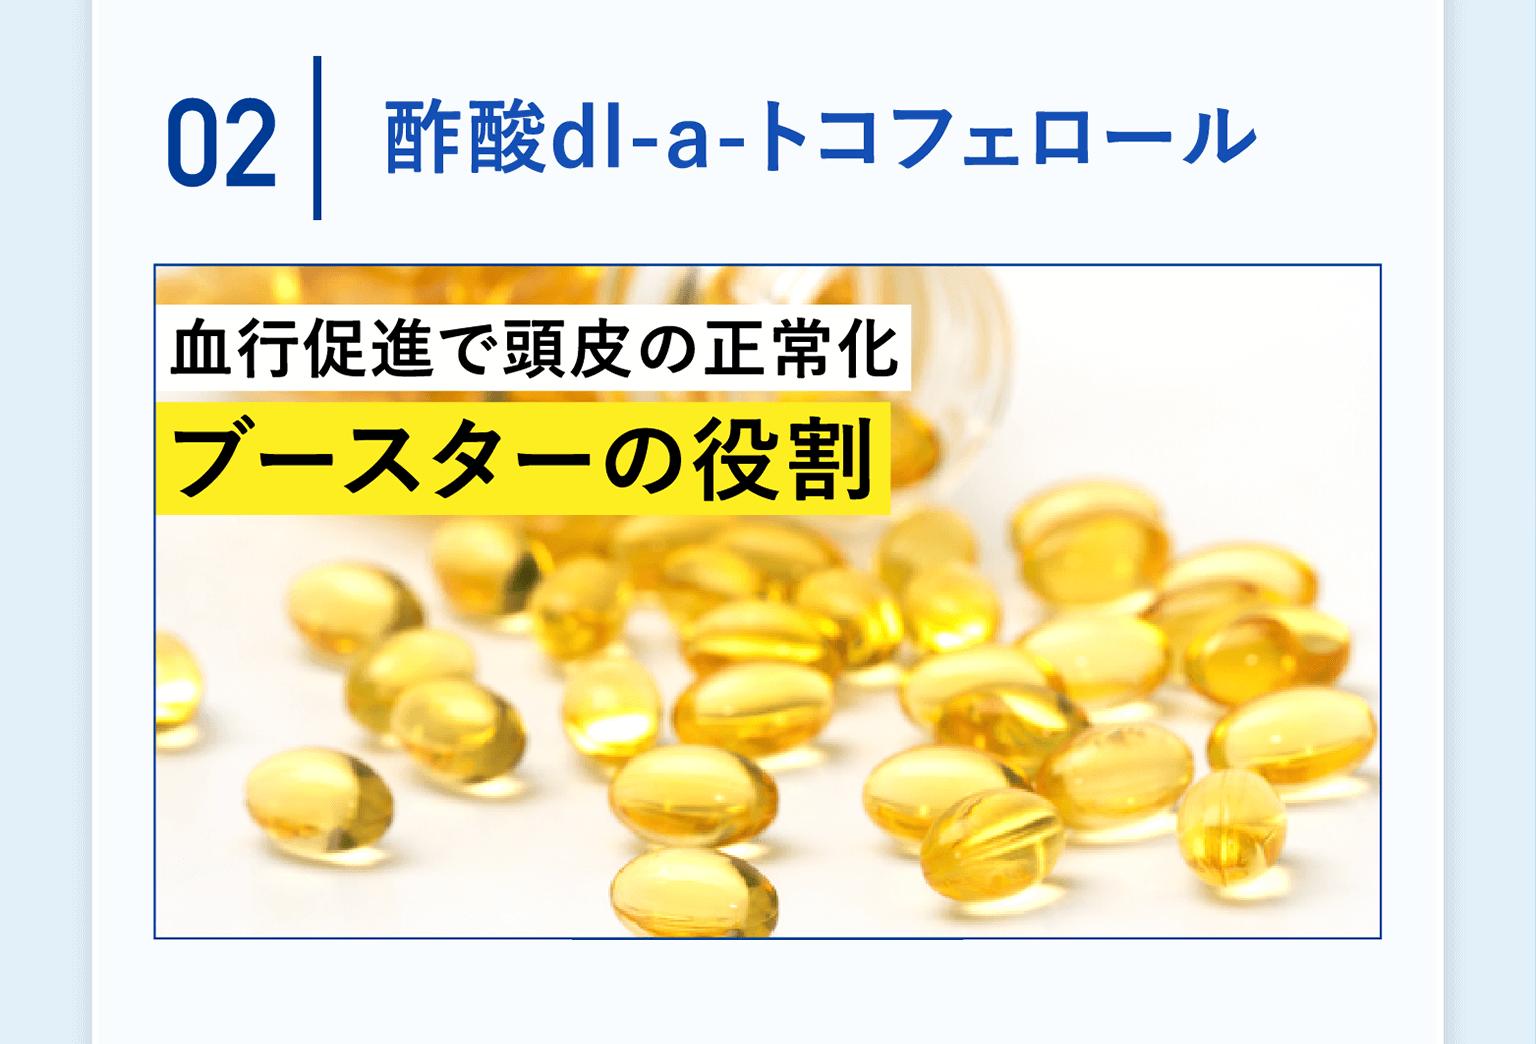 酢酸dl-a-トコフェロール:血行促進で頭皮の正常化「ブースターの役割」